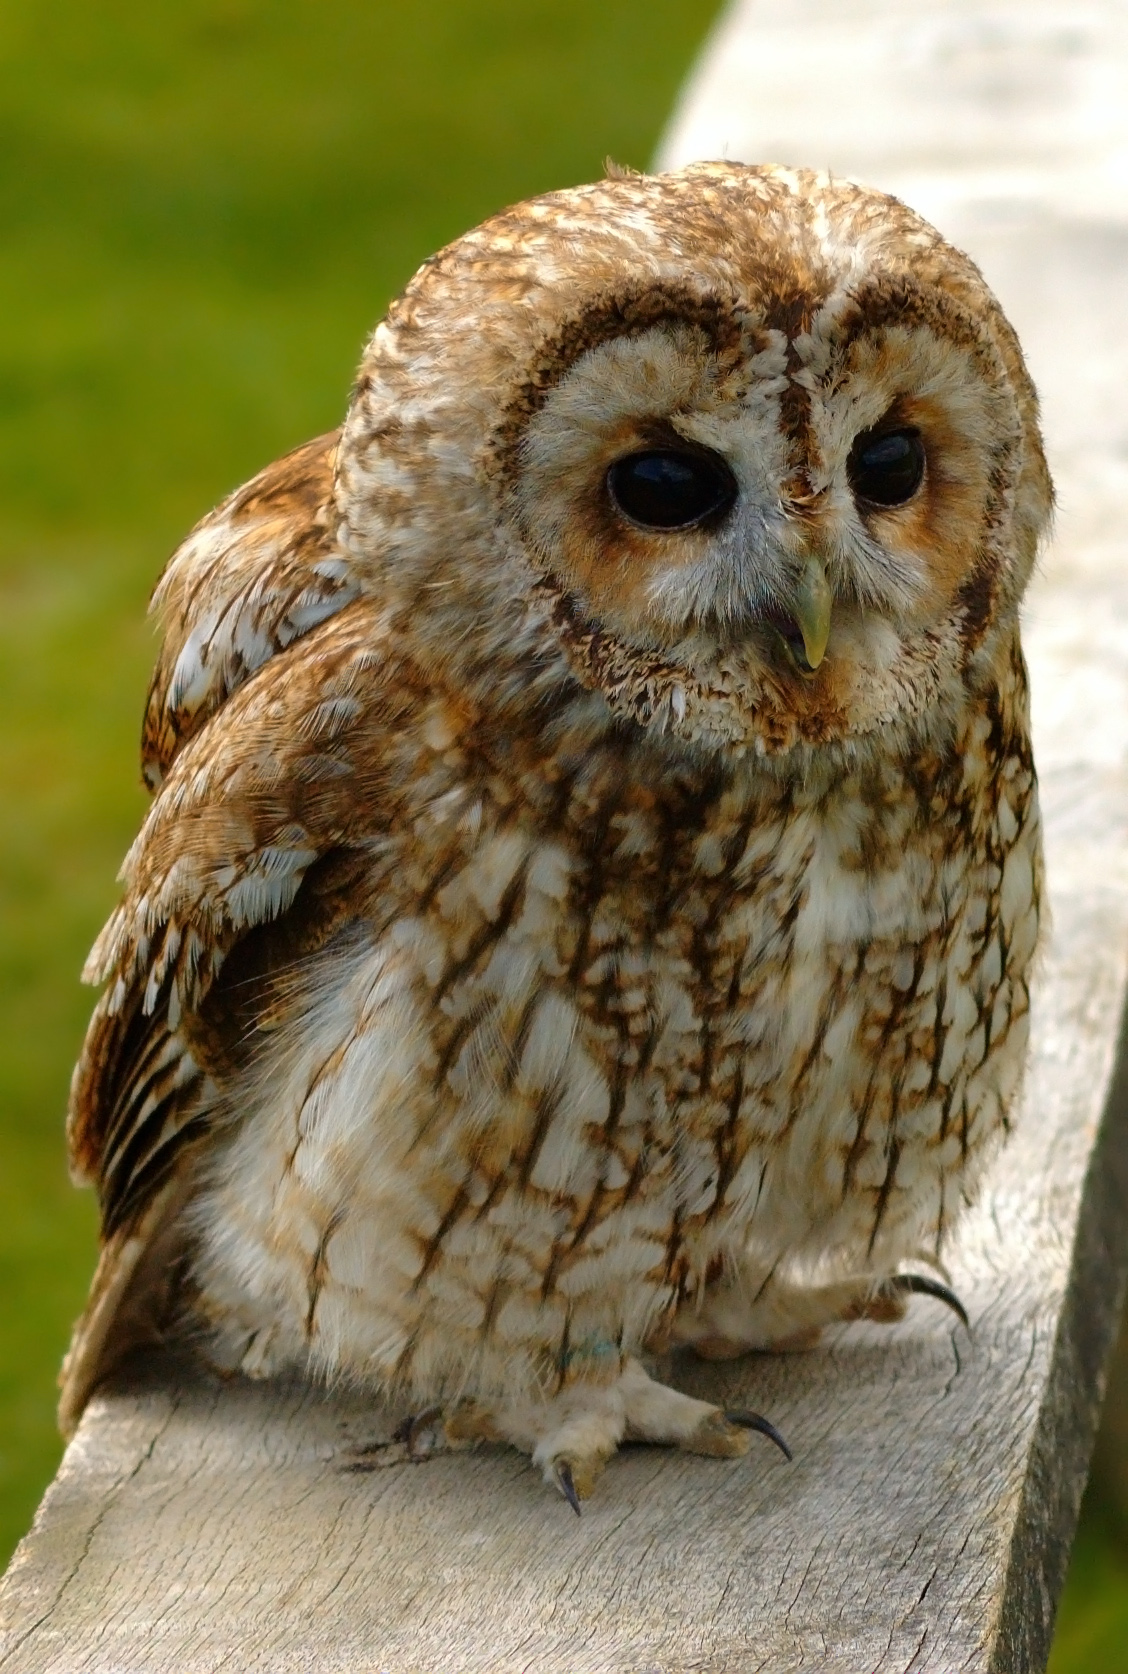 a ragadozó és a zsákmány látása kombinatorikus látásmód